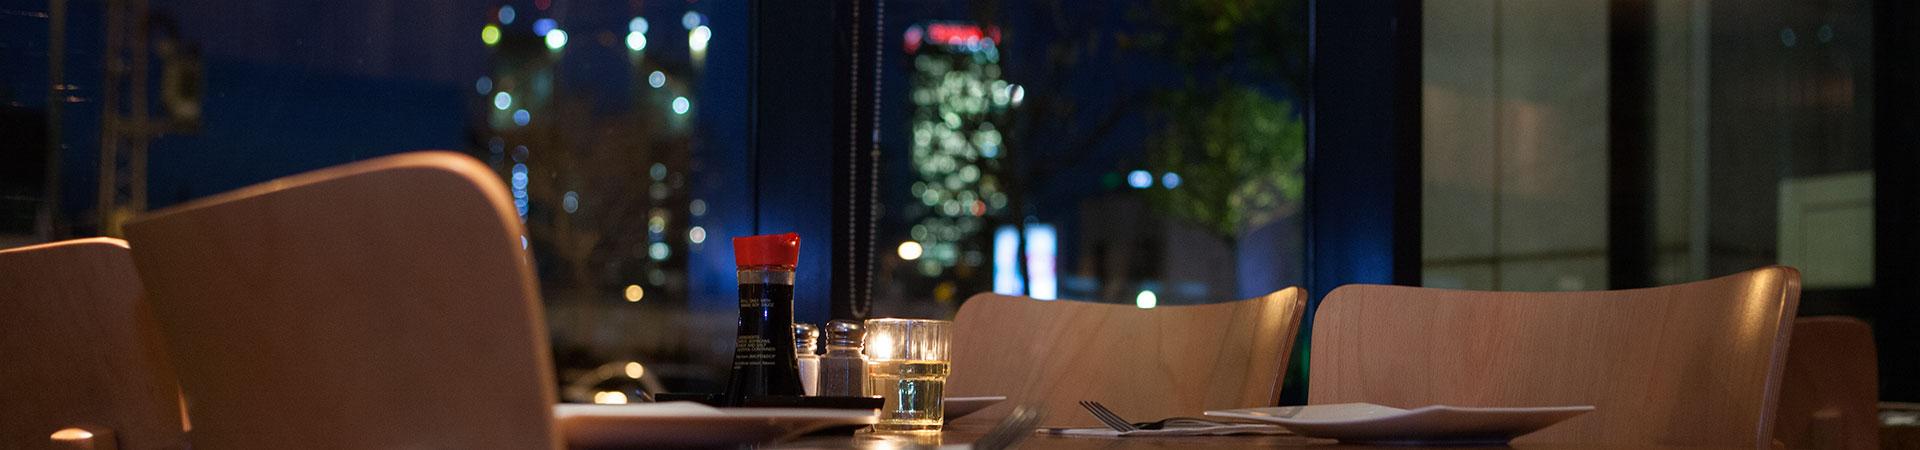 מסעדה אסייתית תל אביב